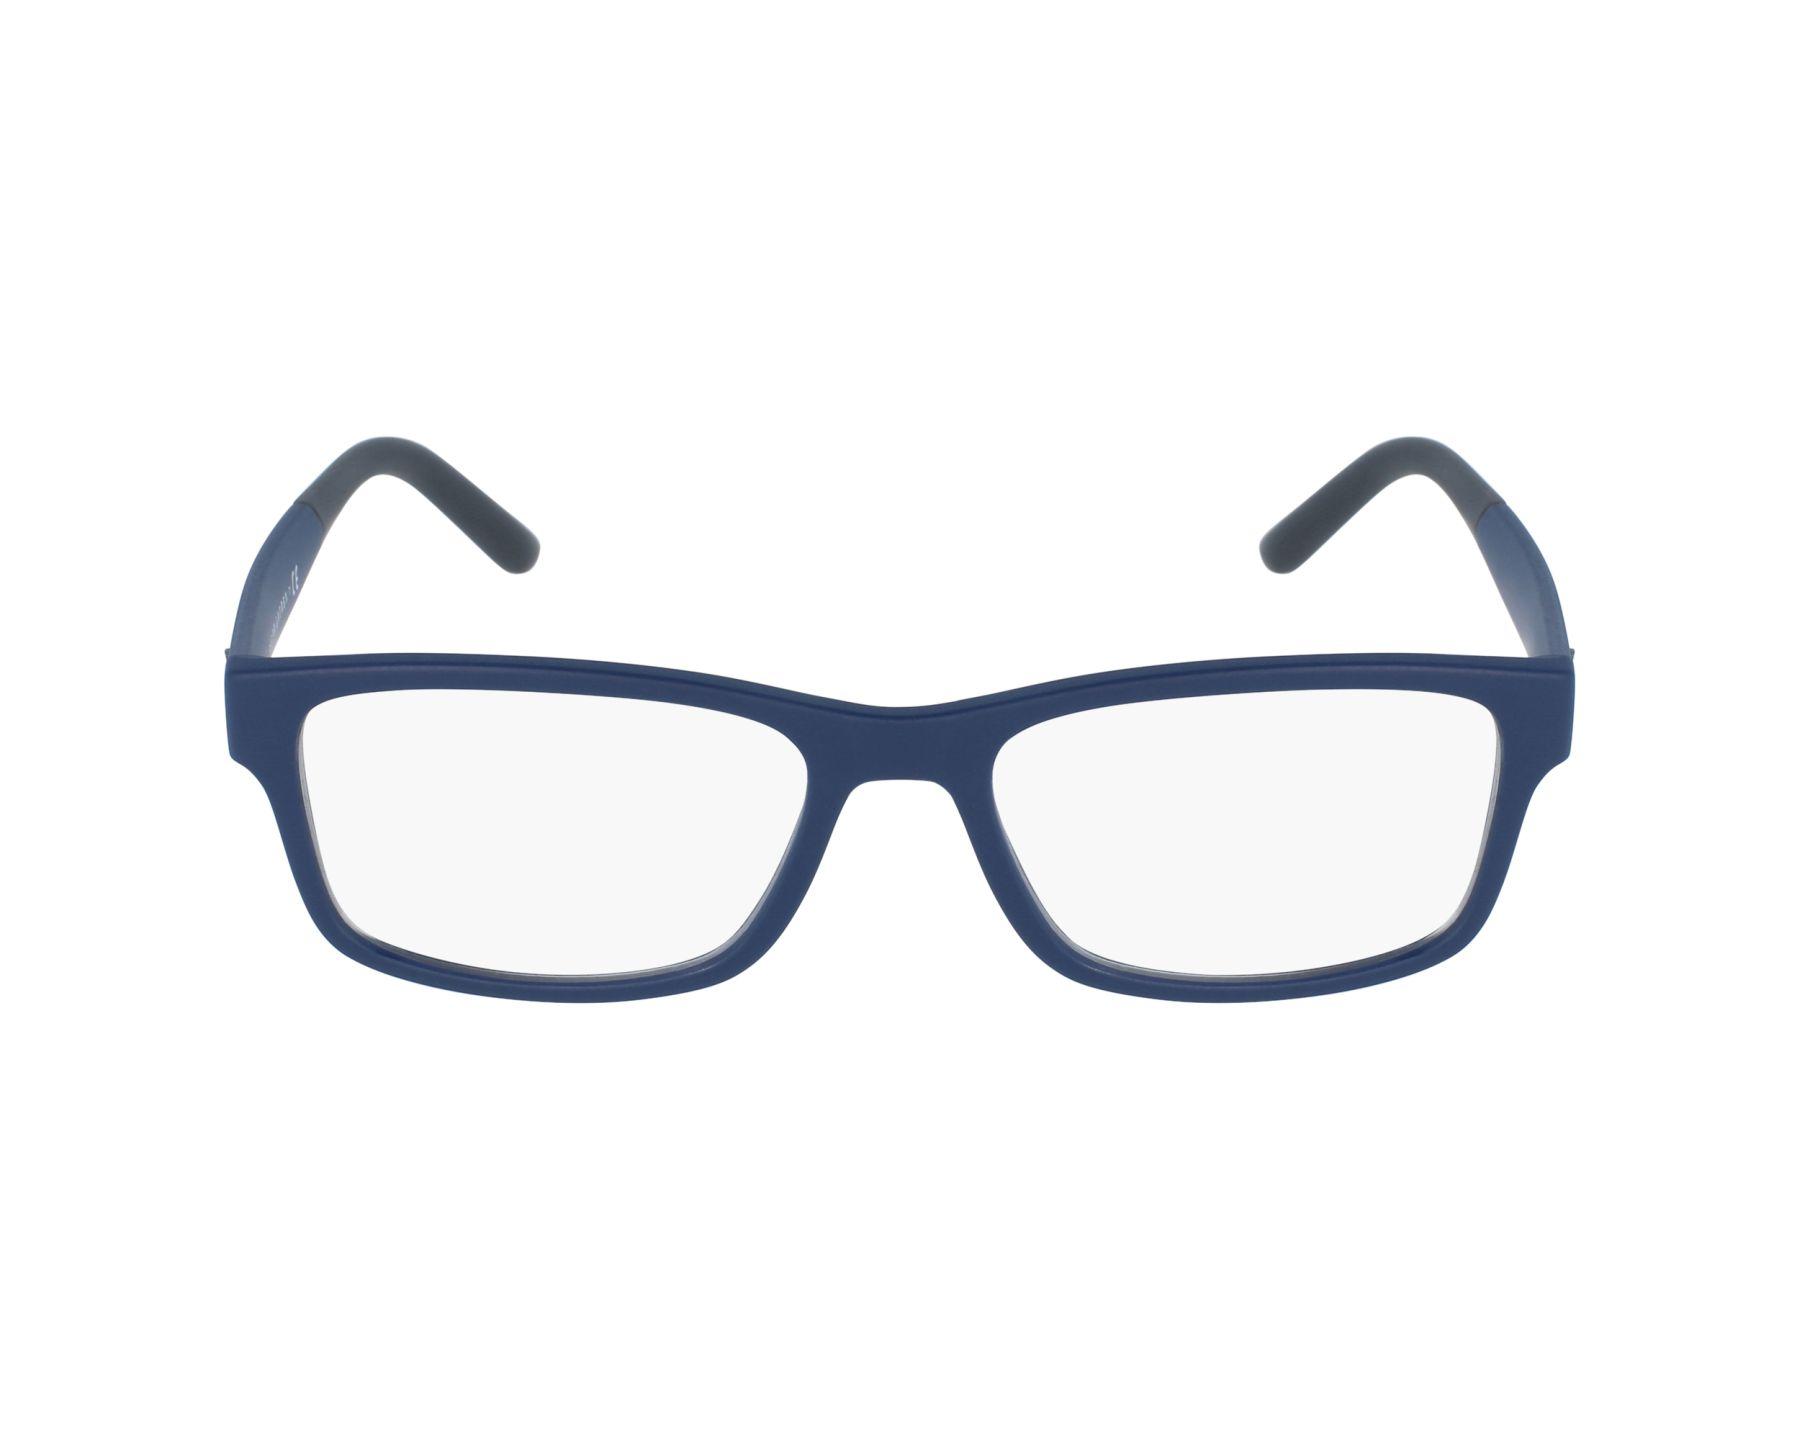 Montures lunettes polo ralph lauren